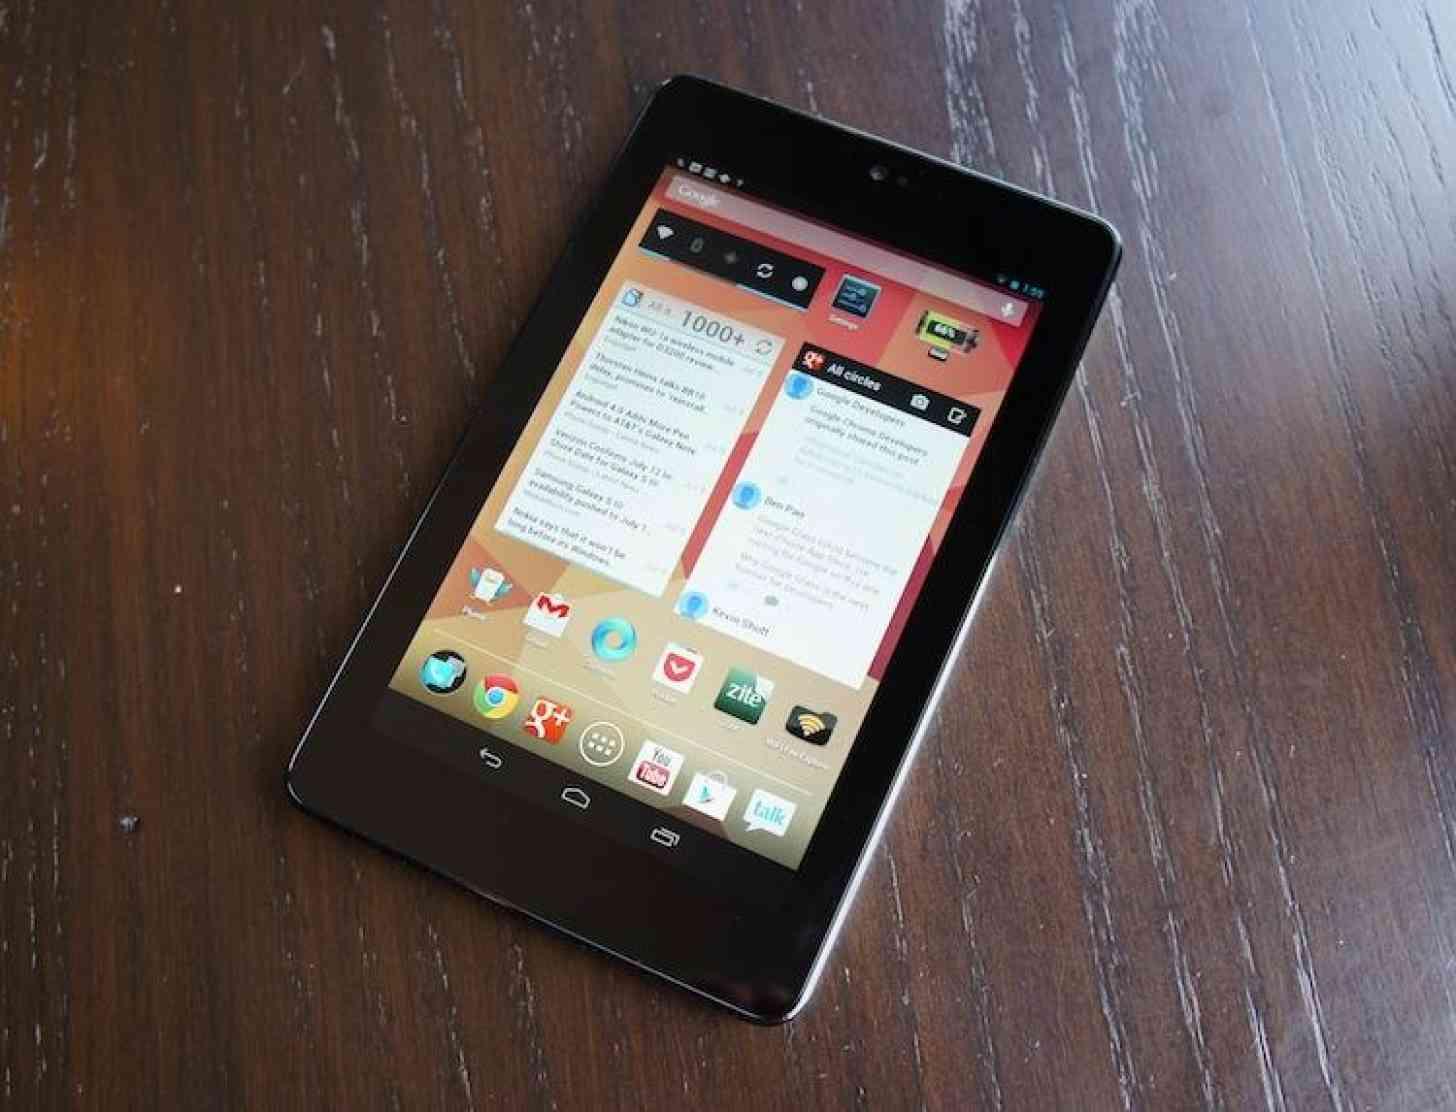 Nexus 7 (2012) front